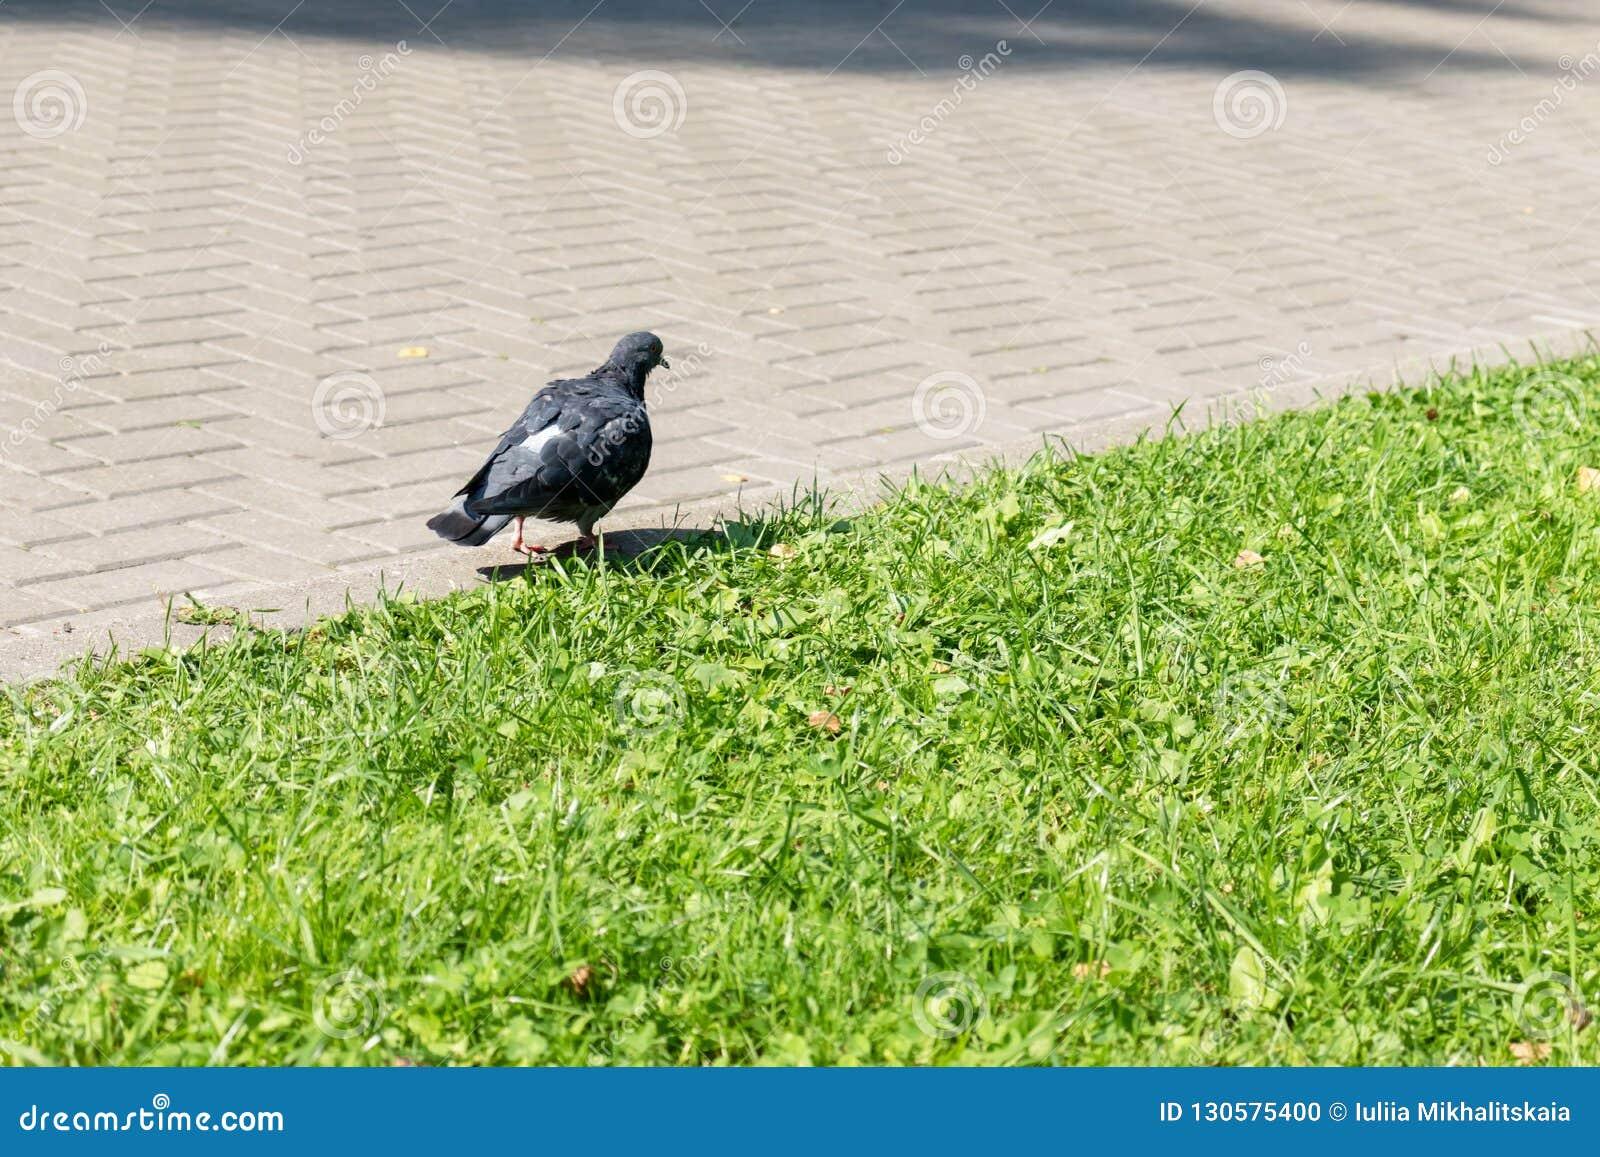 Голубь идет вдоль пути около лужайки в парке